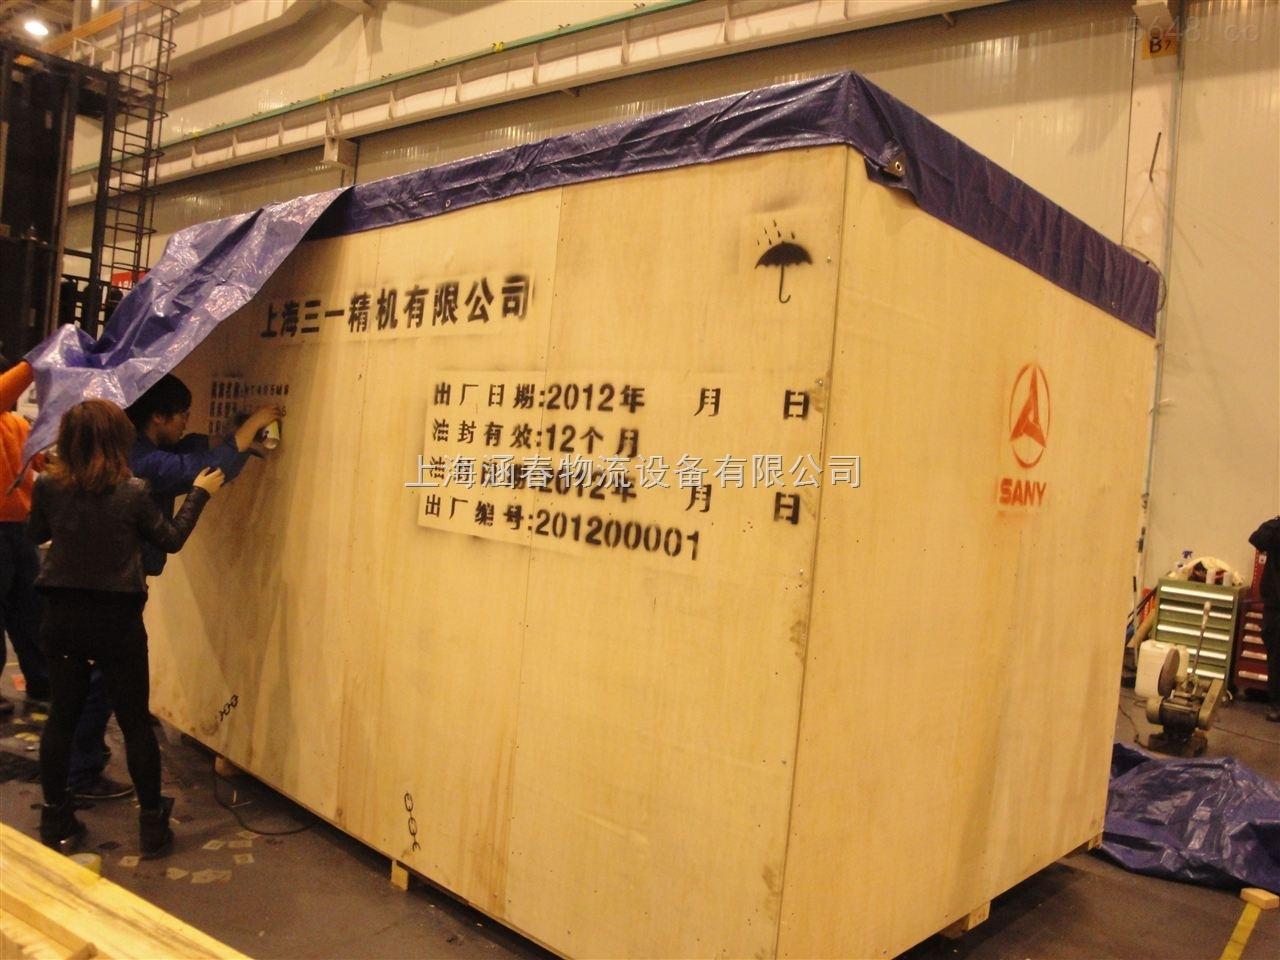 滑木包装箱是采用滑木结构